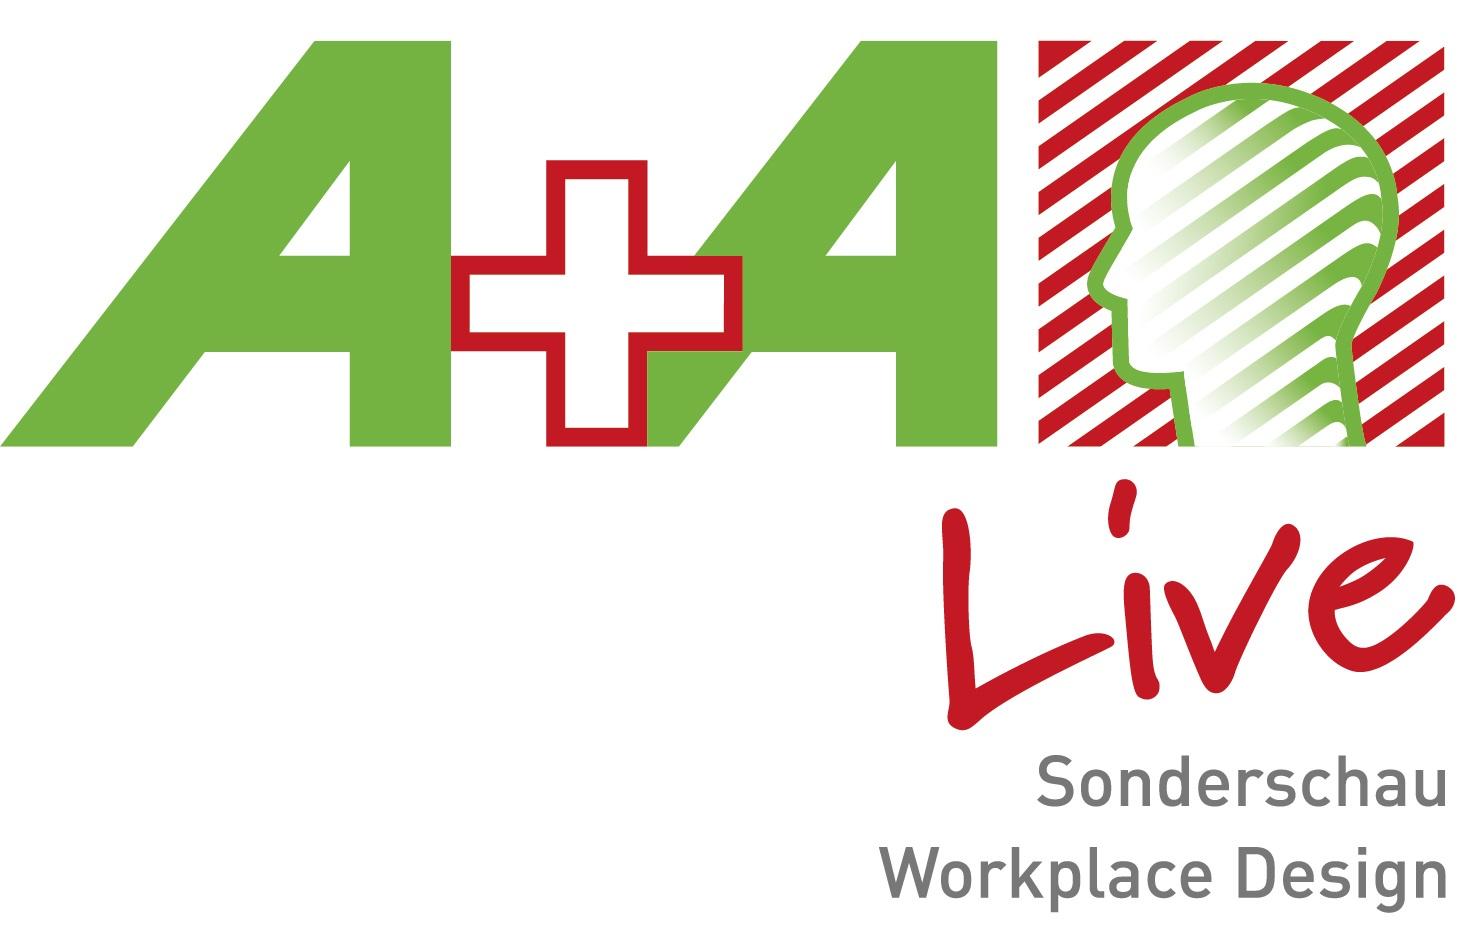 aua11_tm2800_Live_workplace_D_rgb01